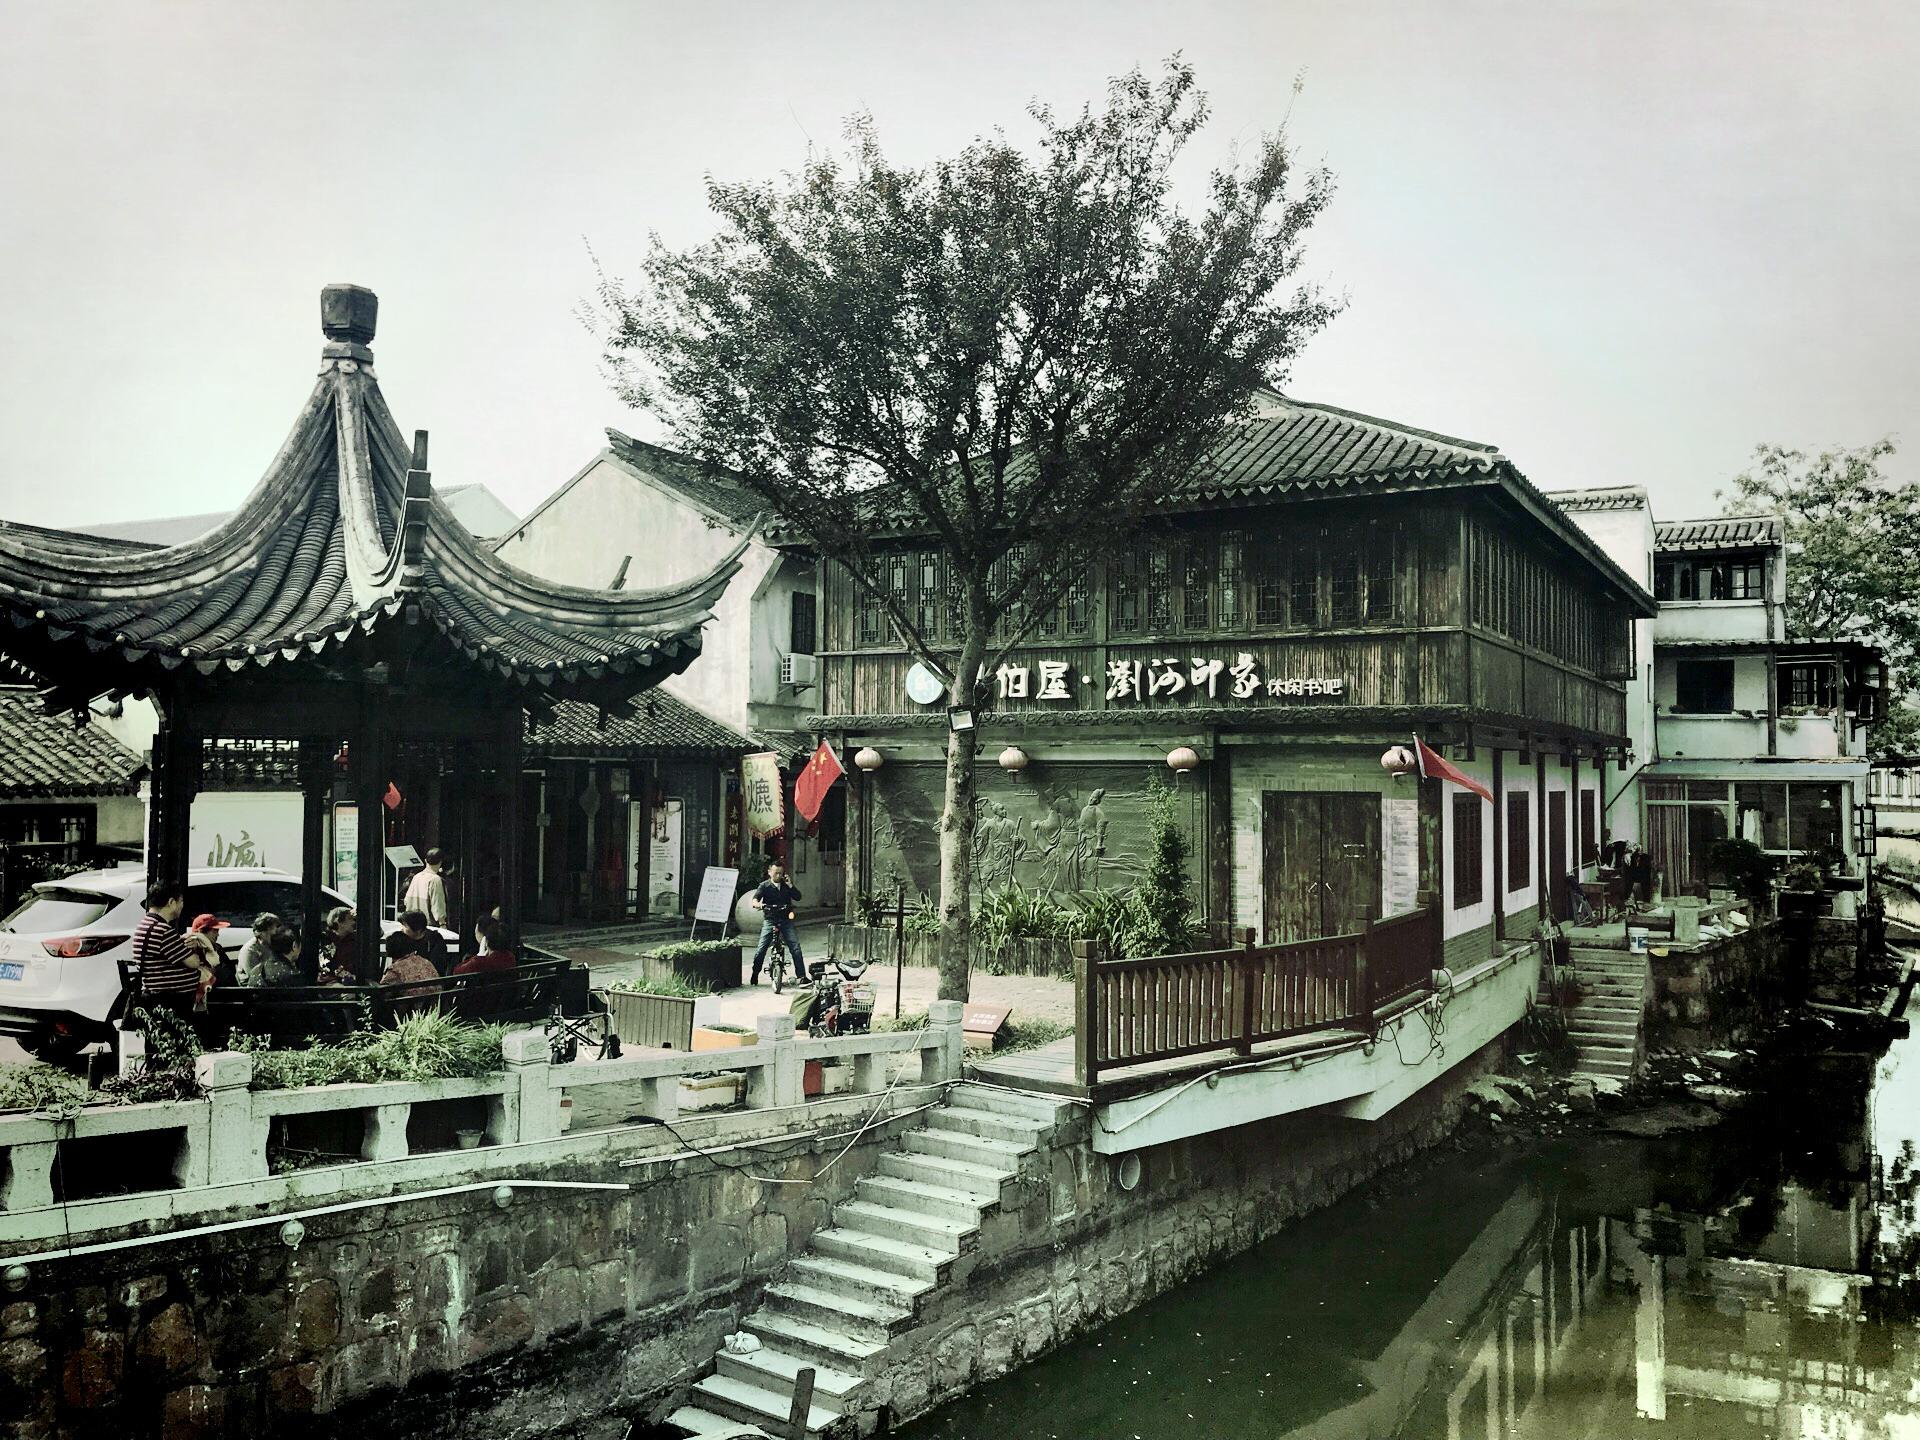 Liuhe Ancient Town